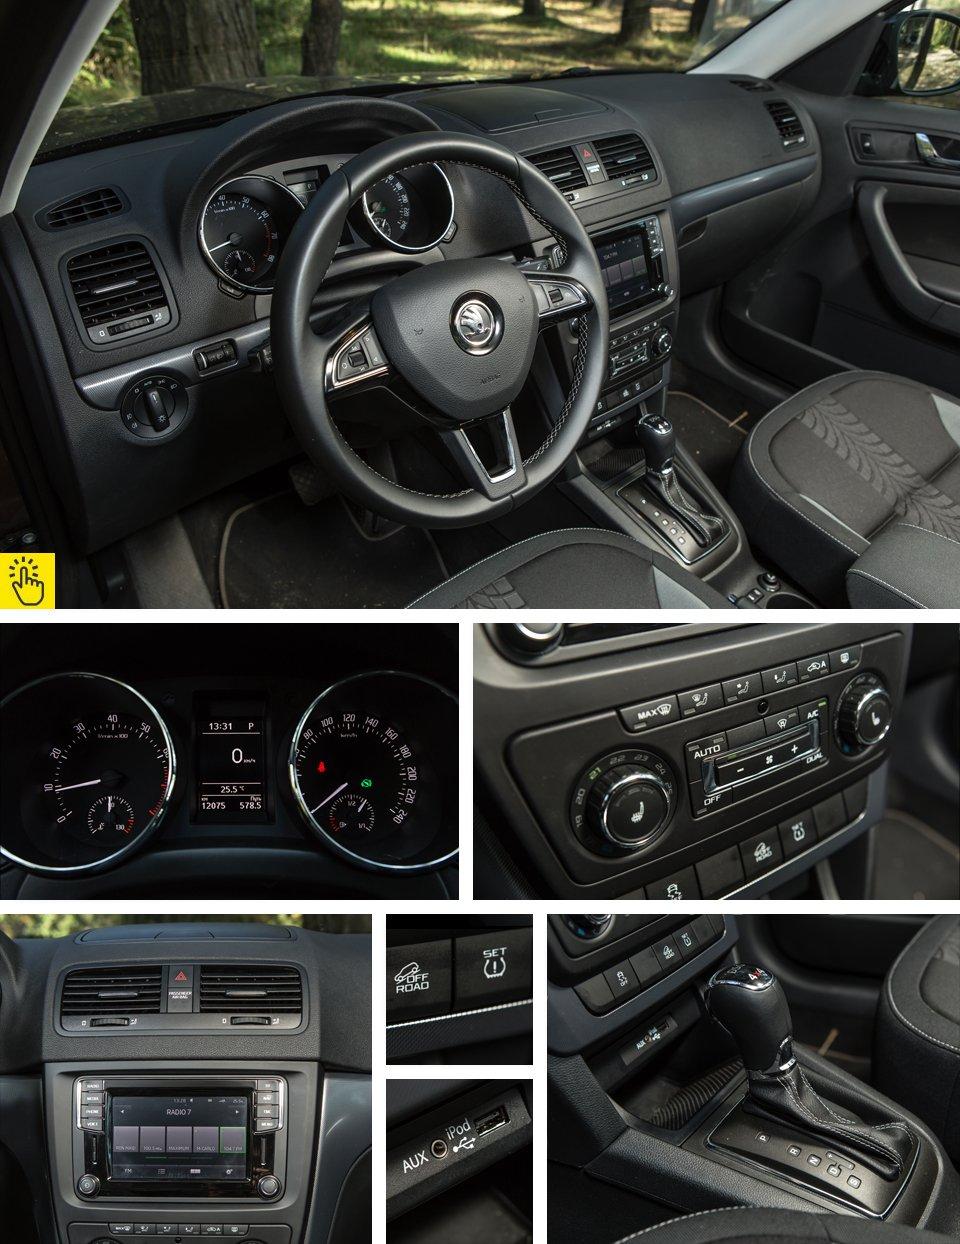 Авто.ру: купить, продать и обменять машину